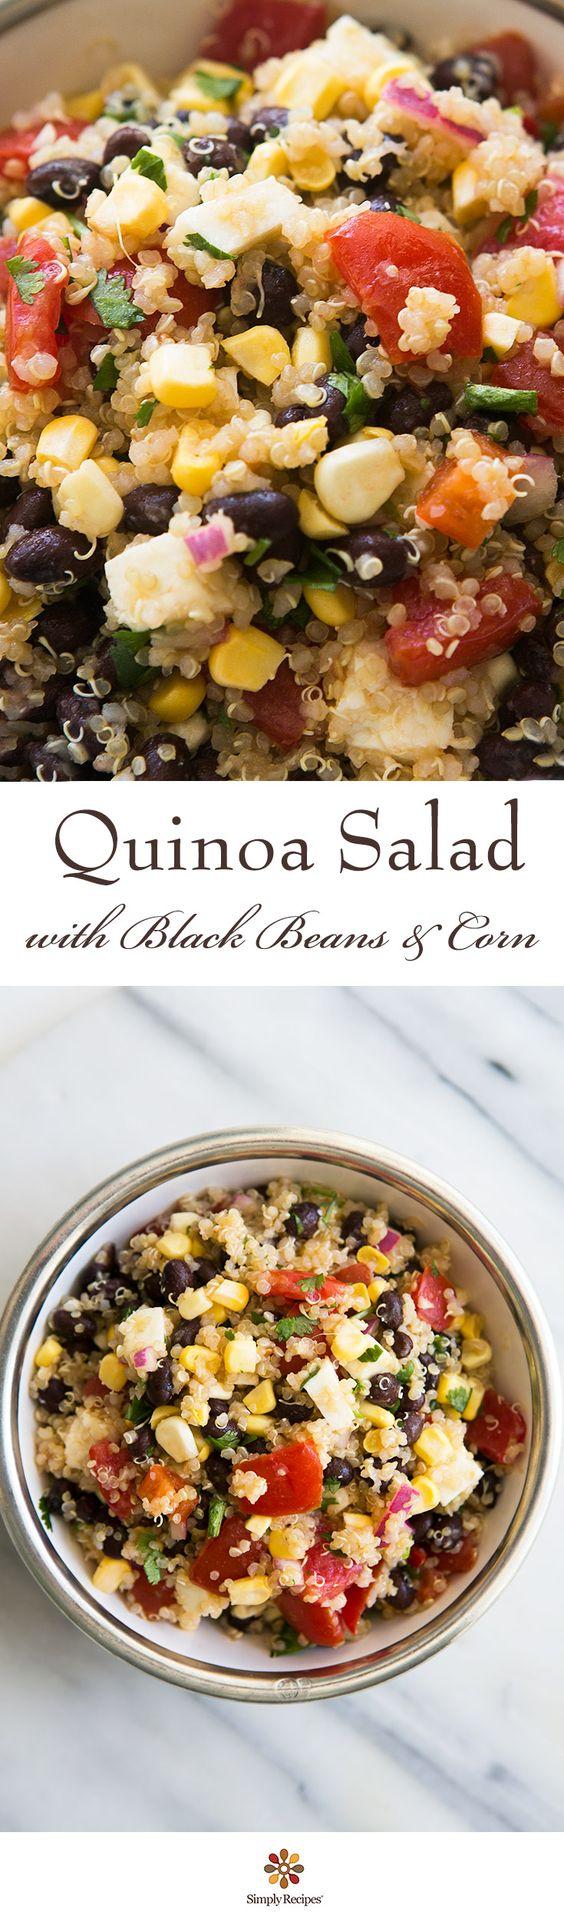 Mexican quinoa salad, Quinoa salad and Black bean corn on Pinterest